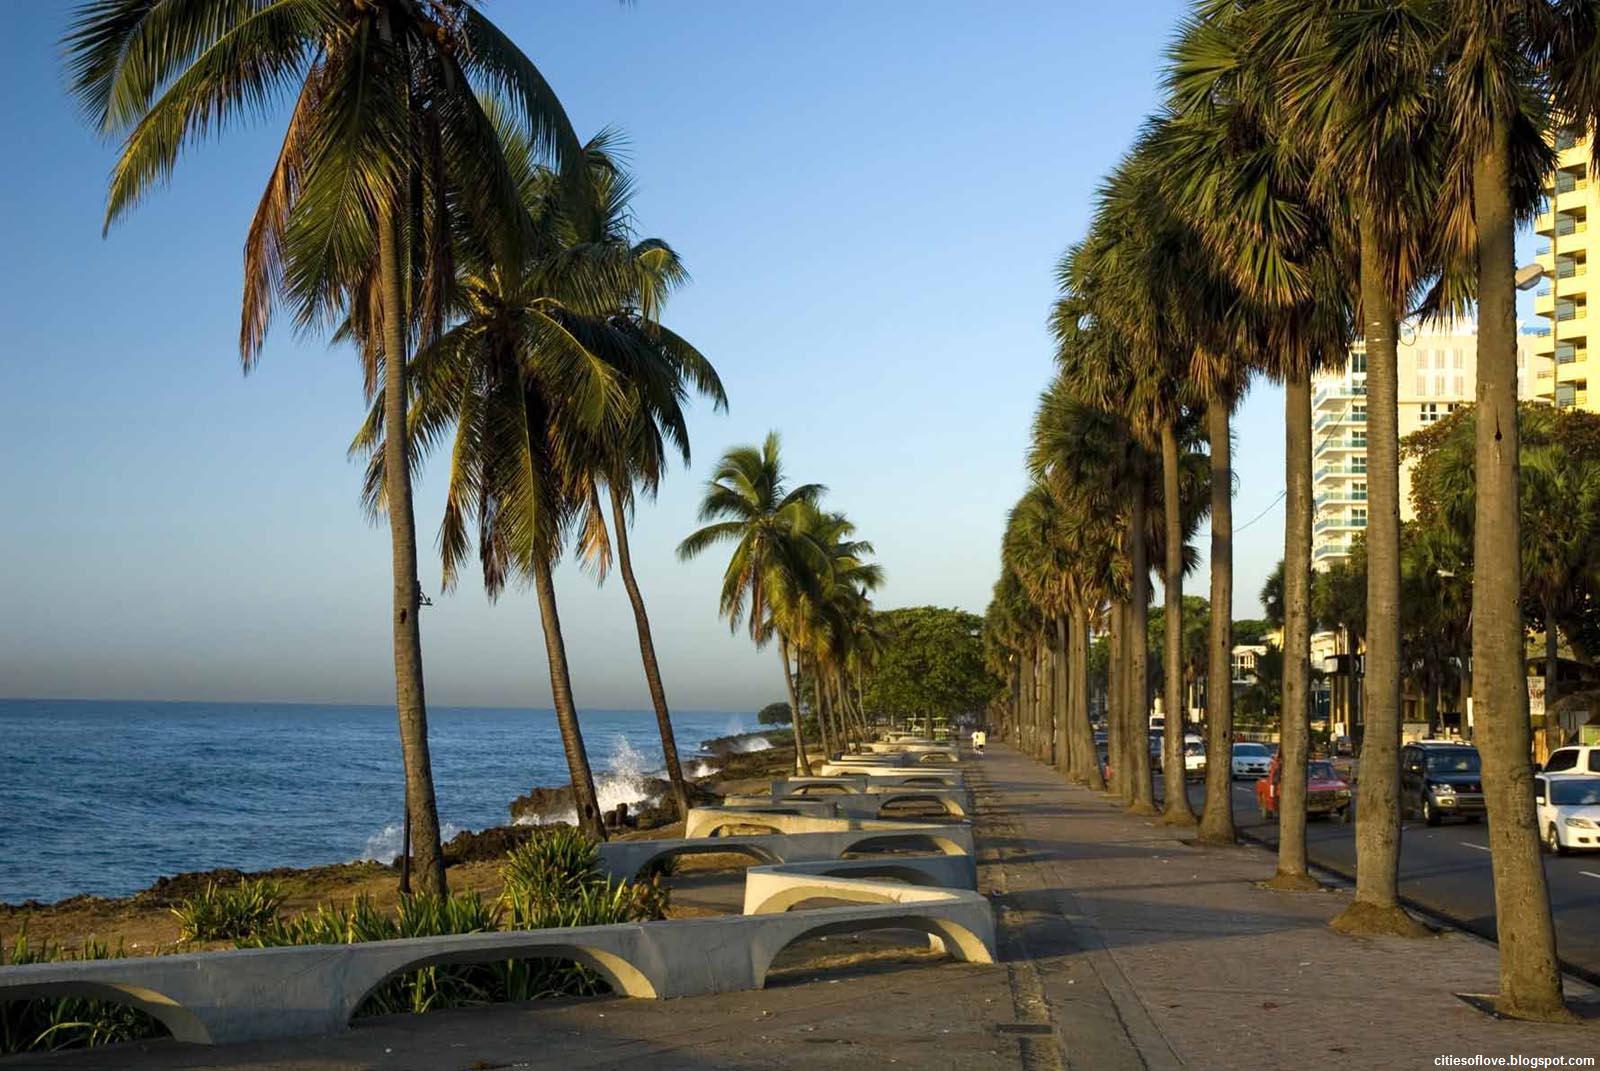 lres Beautiful Coast Capital Dominican Republic Hd Desktop Wallpaper 1600x1071